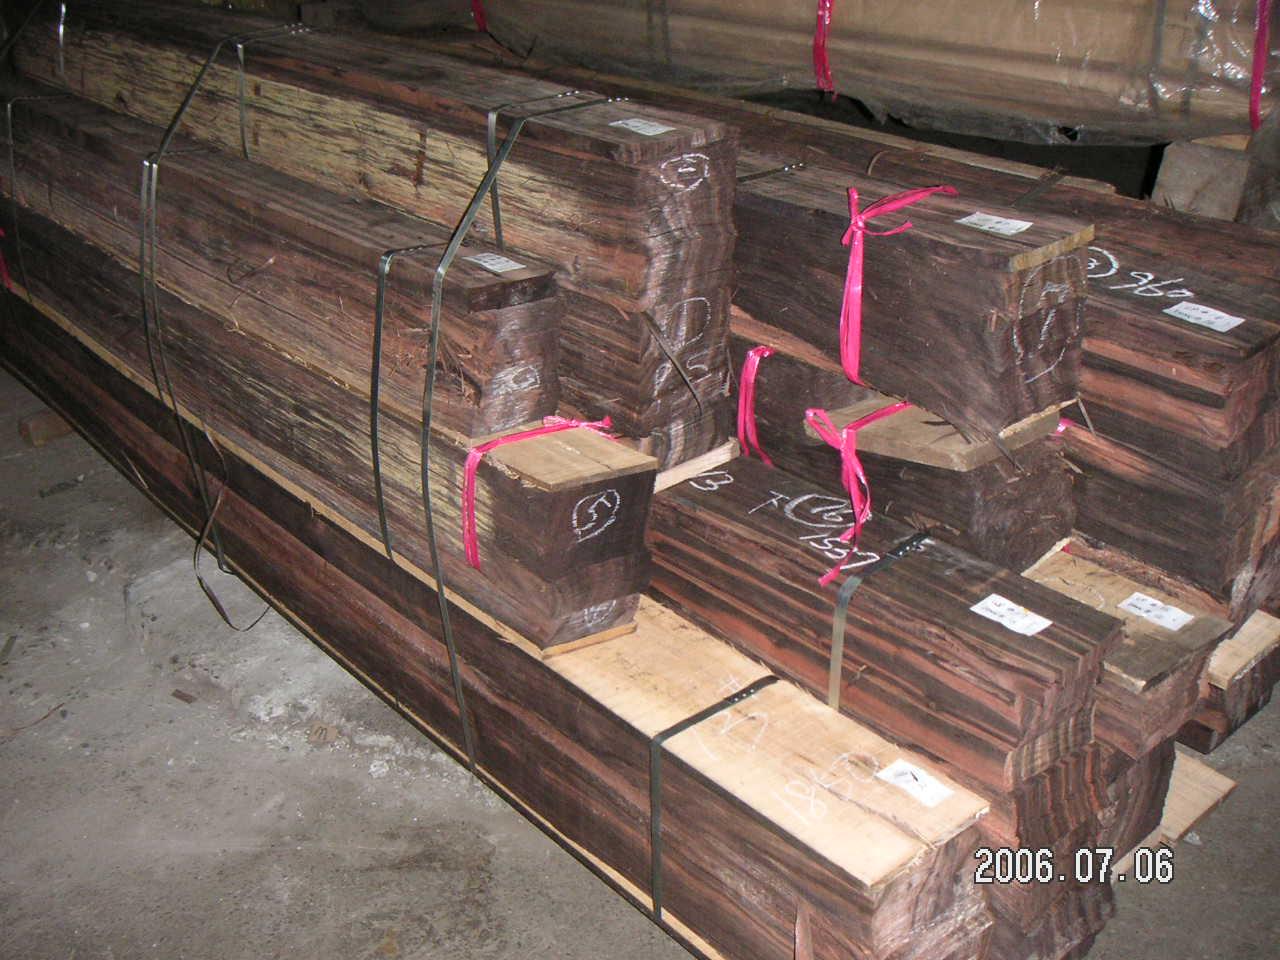 Ván lạng gỗ mun